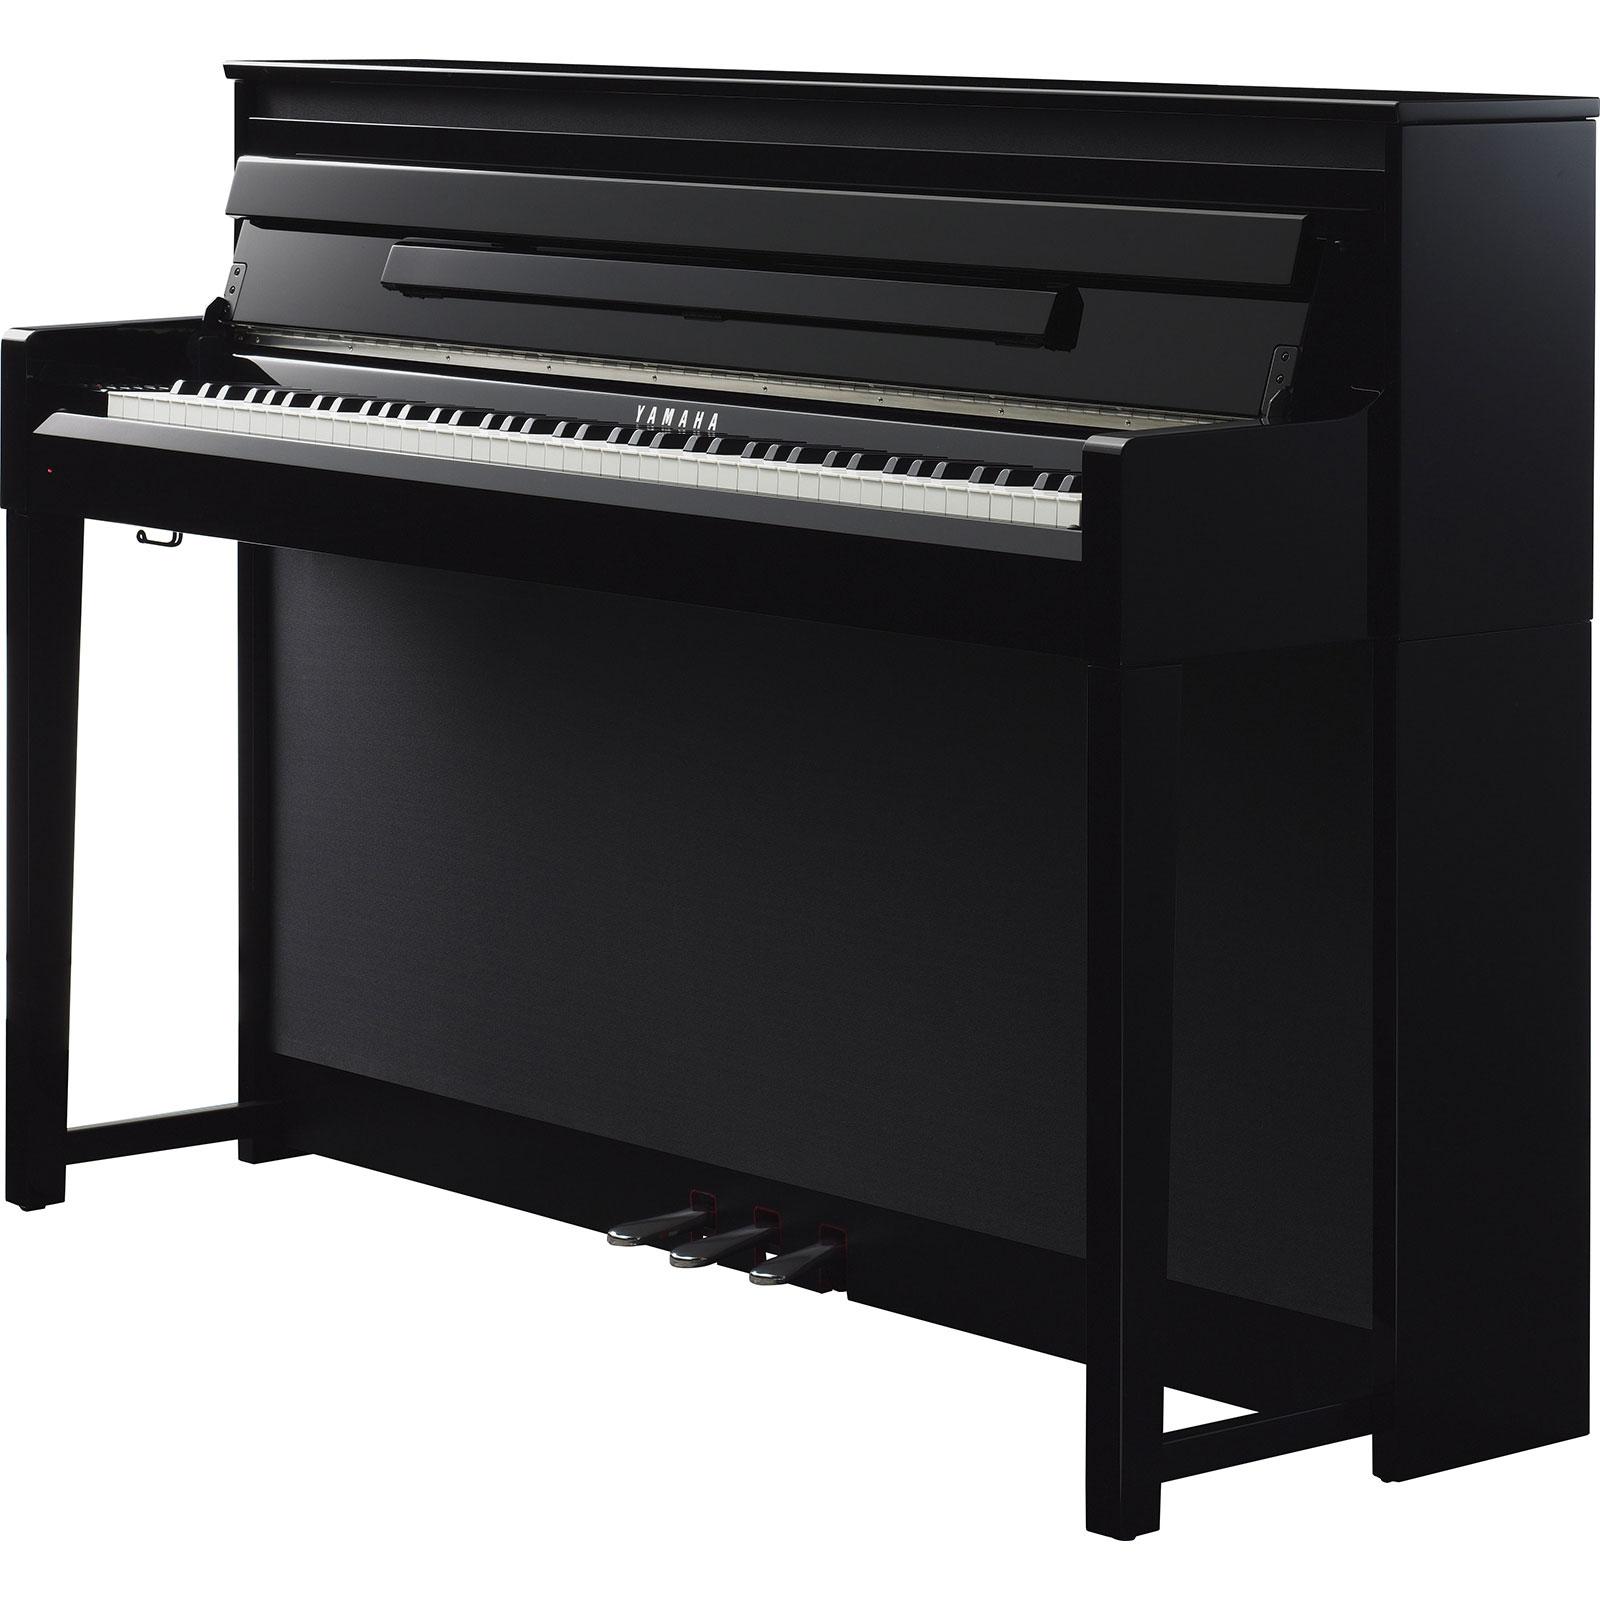 Yamaha clp 585 clavinova digital pianos various finishes for Yamaha digital piano clavinova